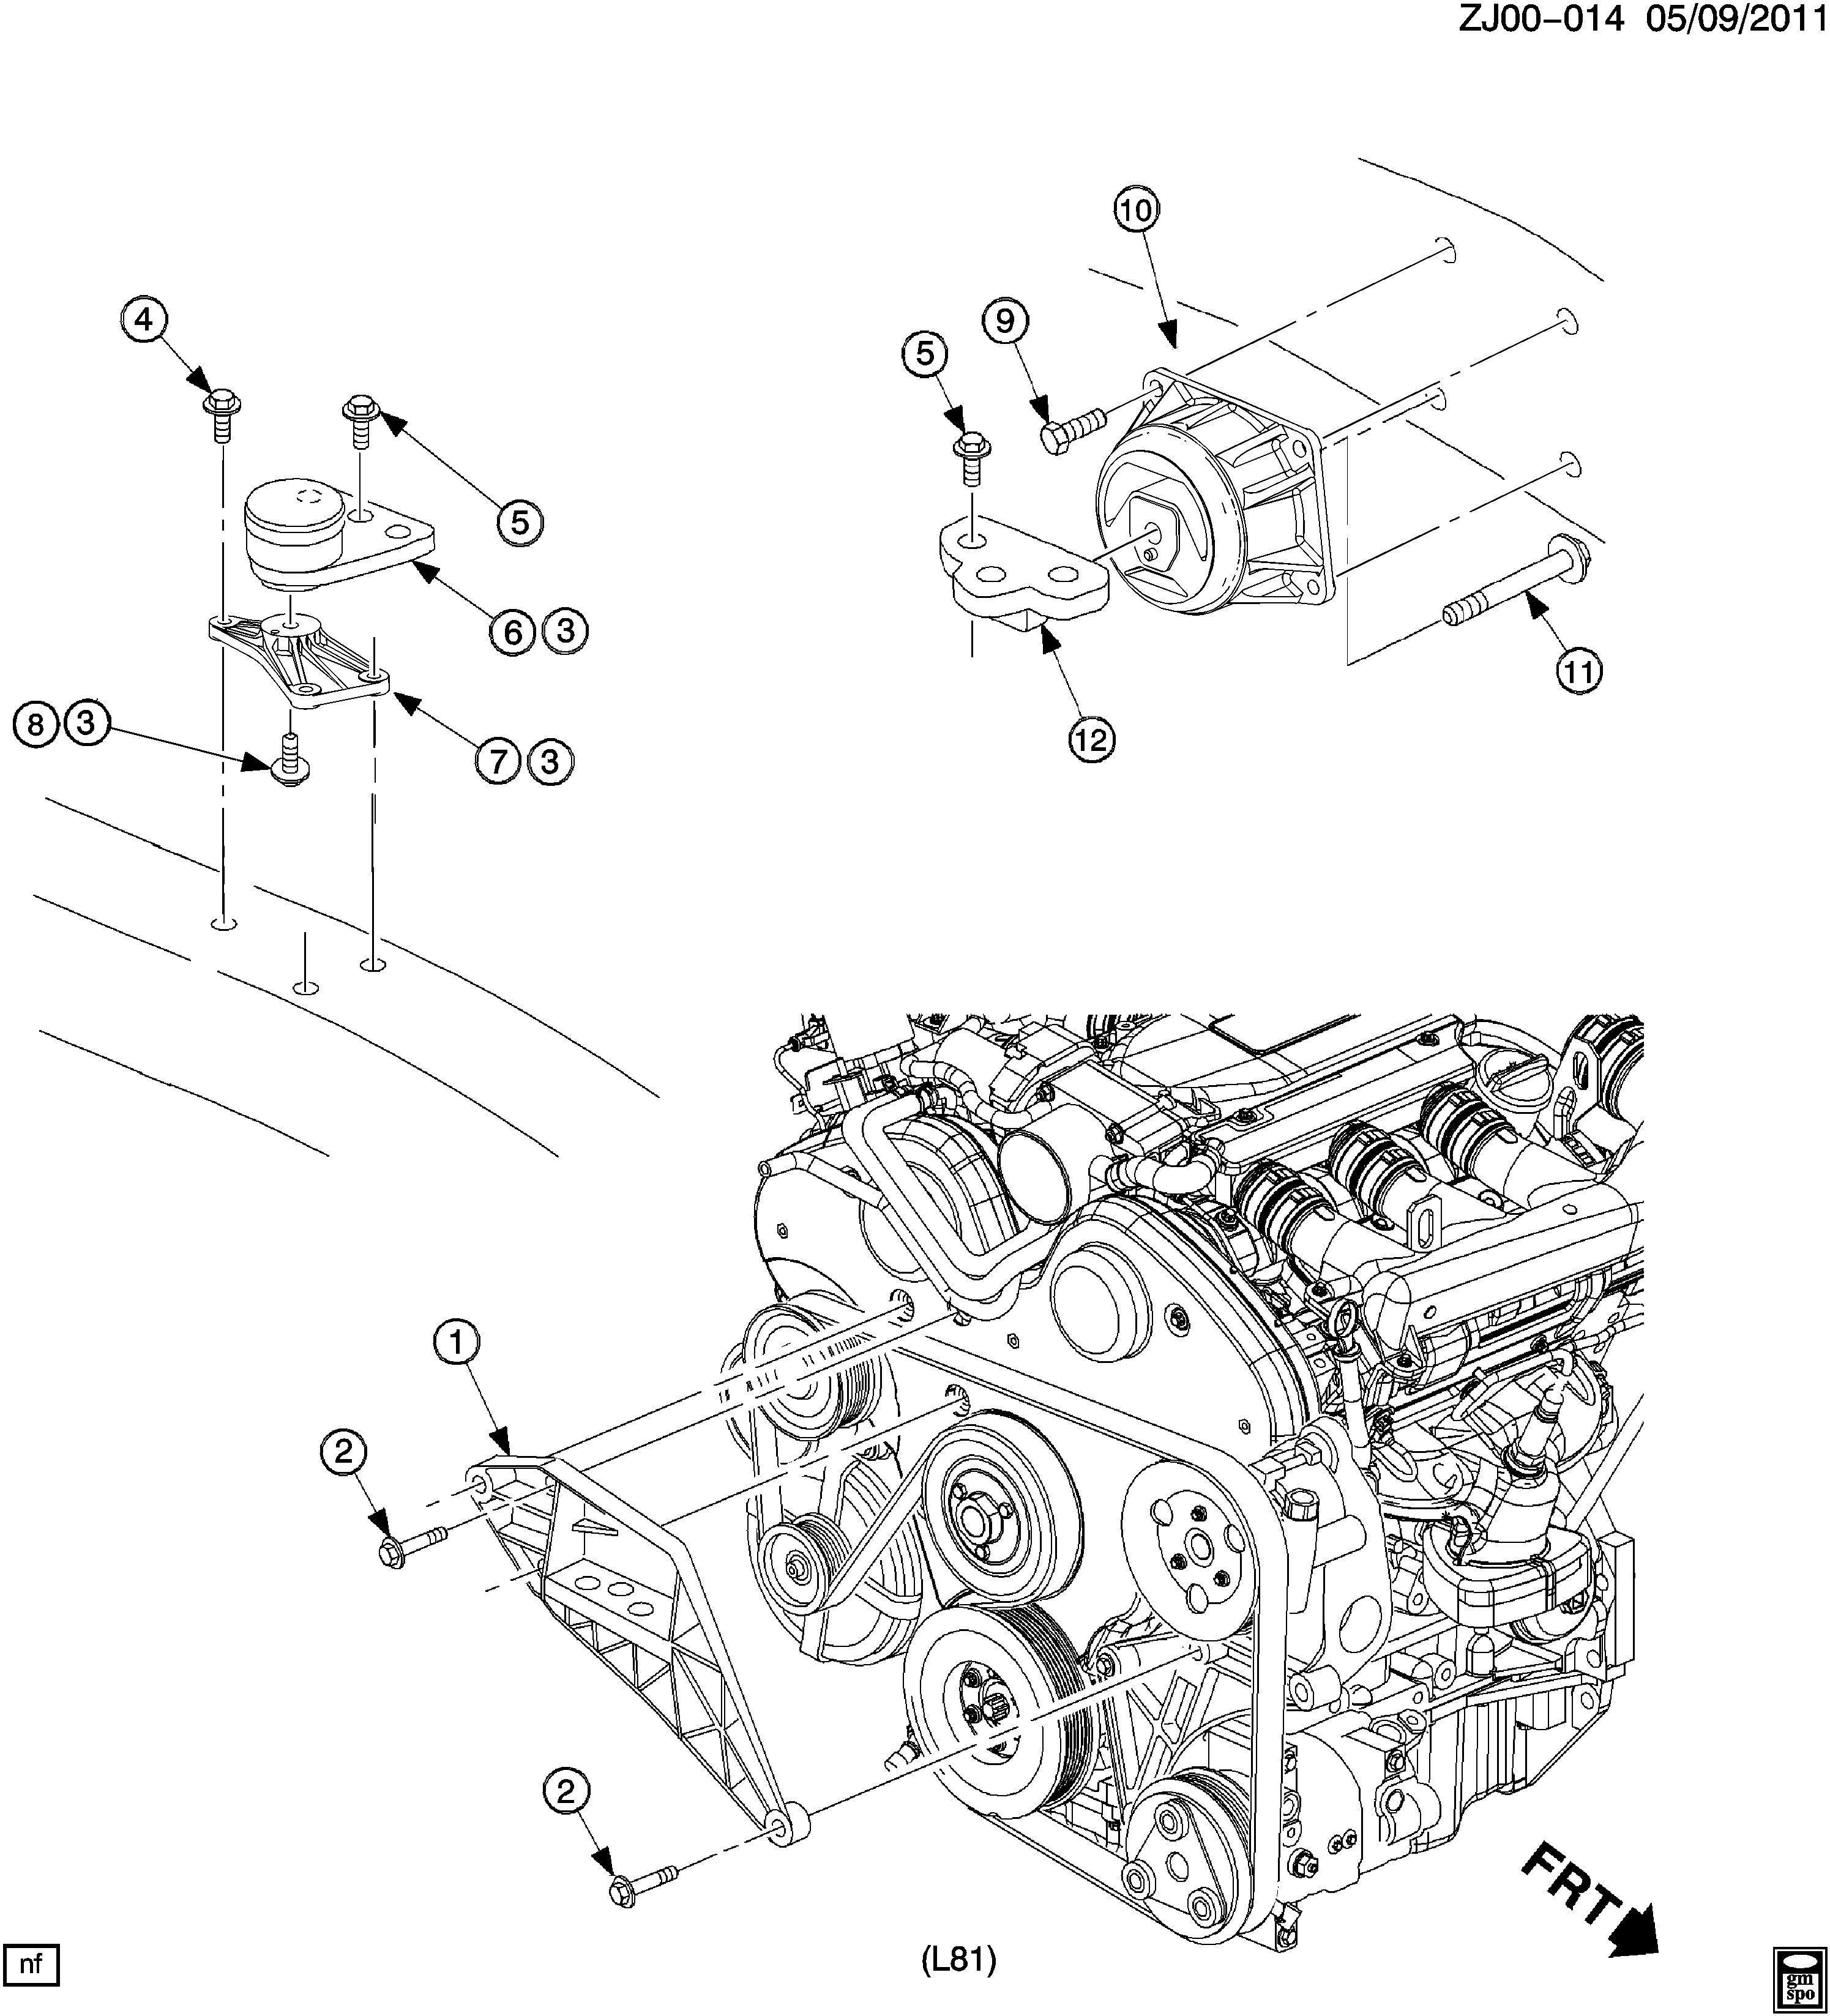 L81 Engine Diagram : 90576087 gm support engine mounting support eng mt ~ A.2002-acura-tl-radio.info Haus und Dekorationen